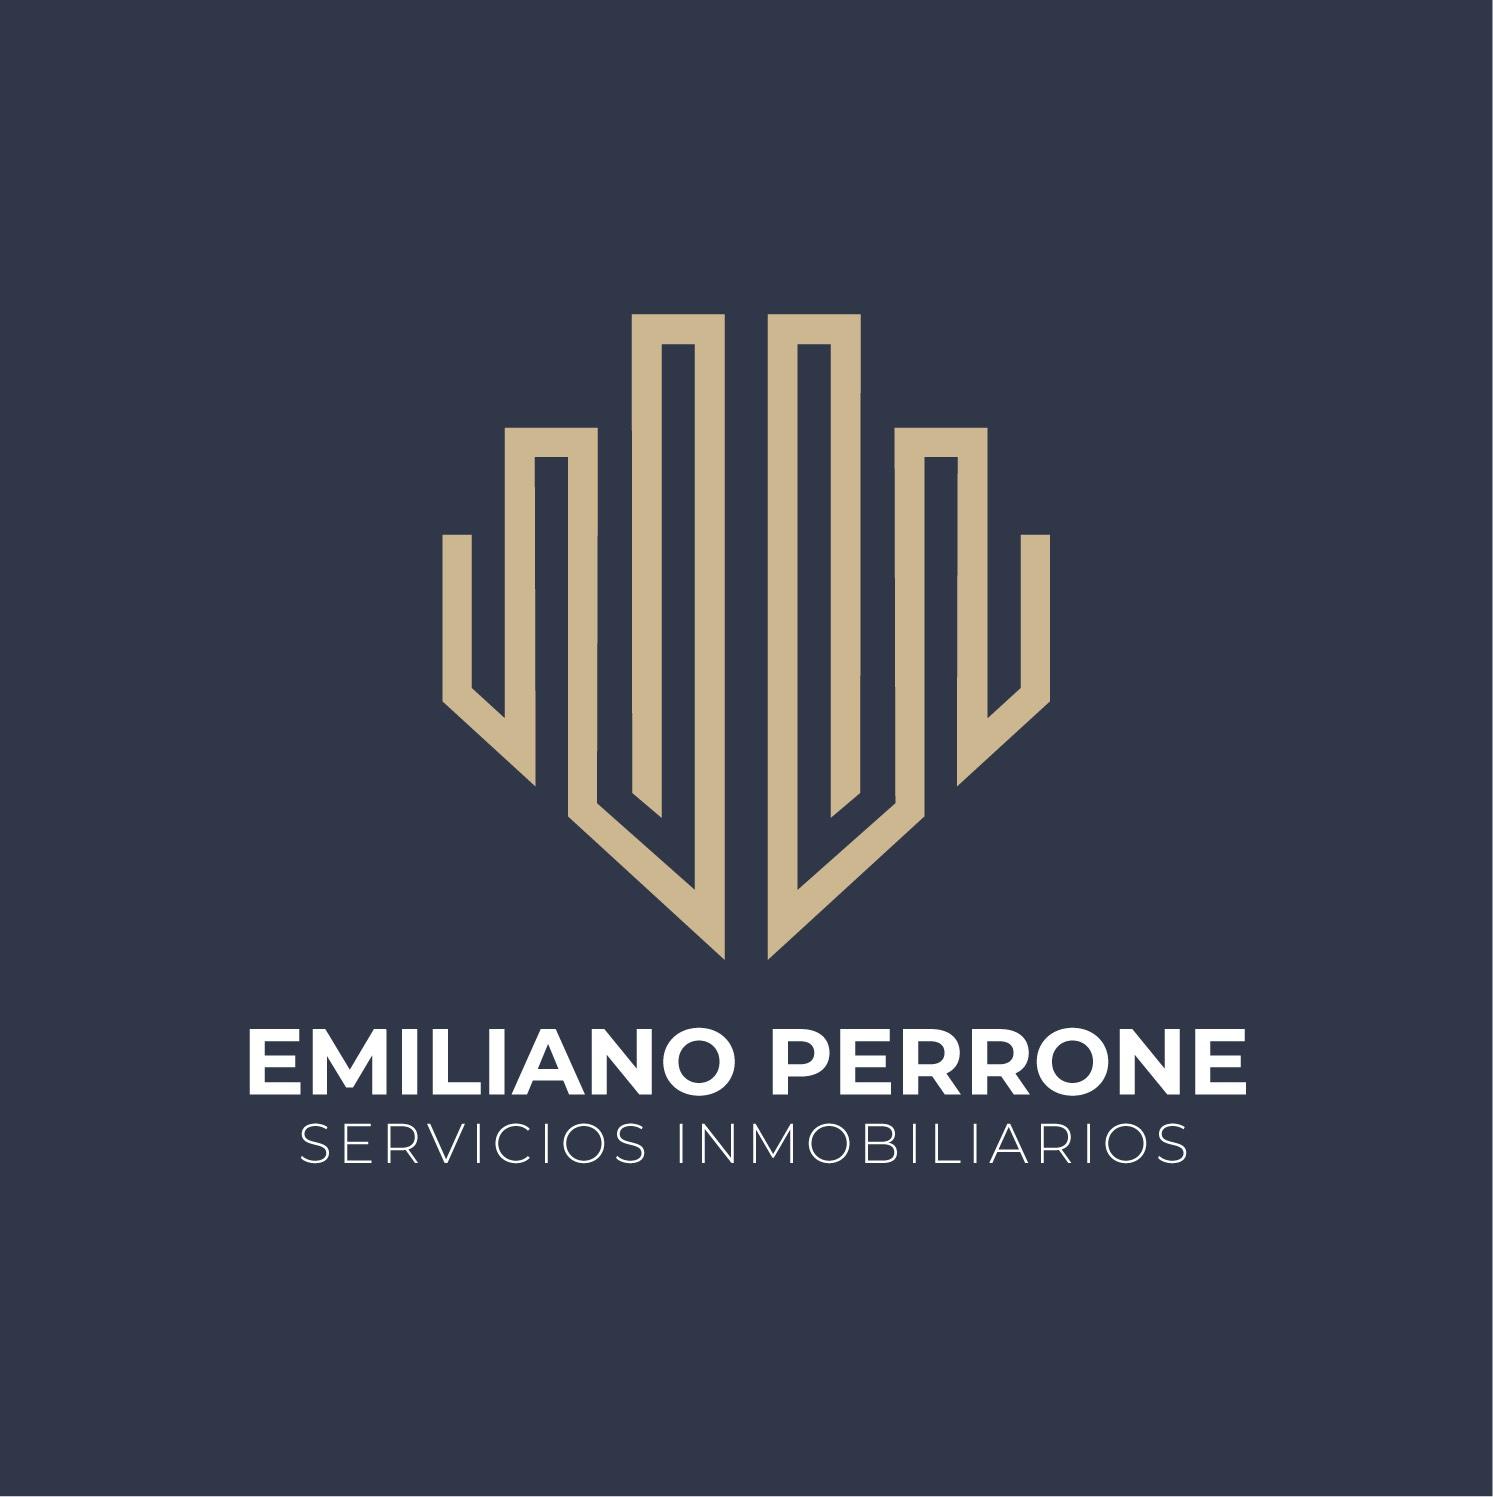 Emiliano Perrone Servicios Inmobiliarios